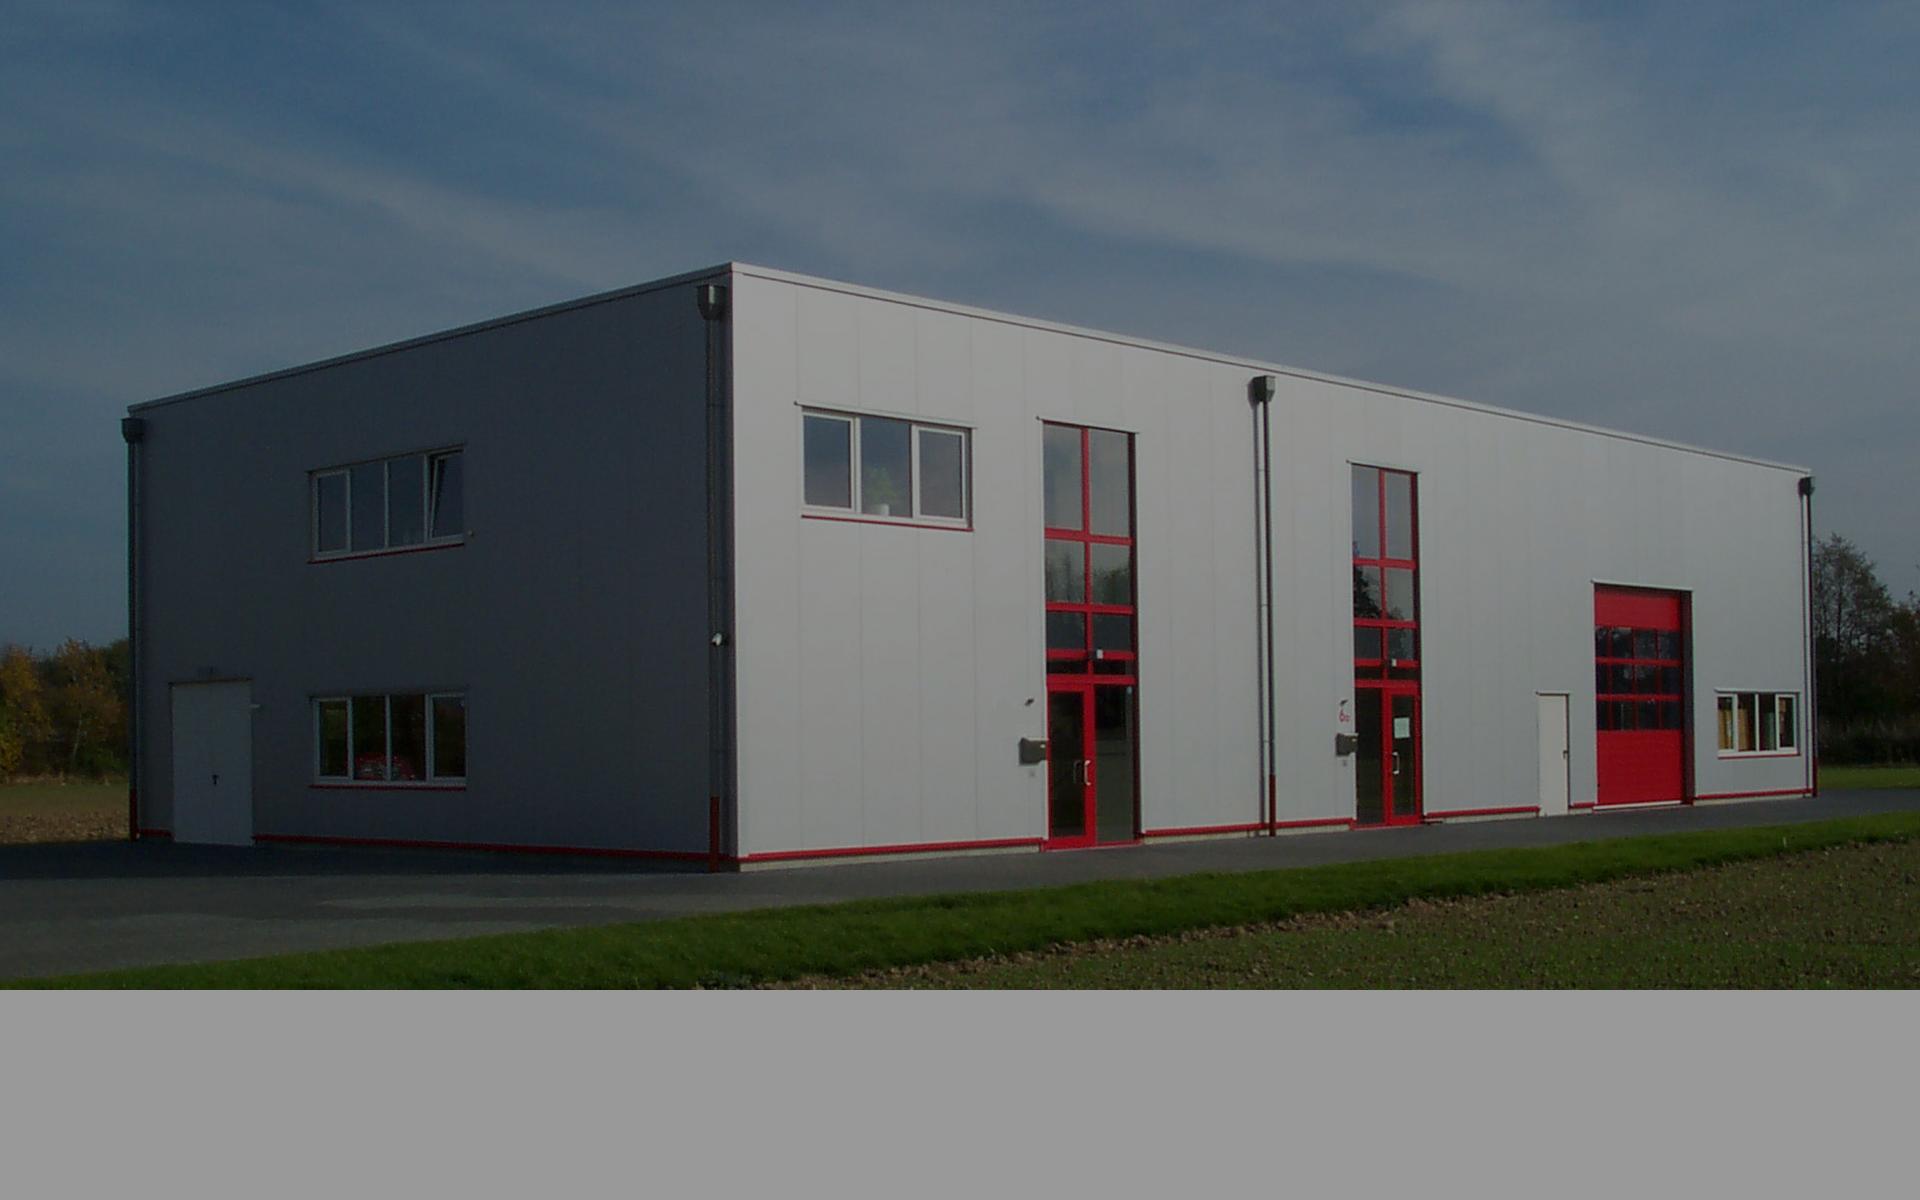 Produktionsstandort Rheinbach